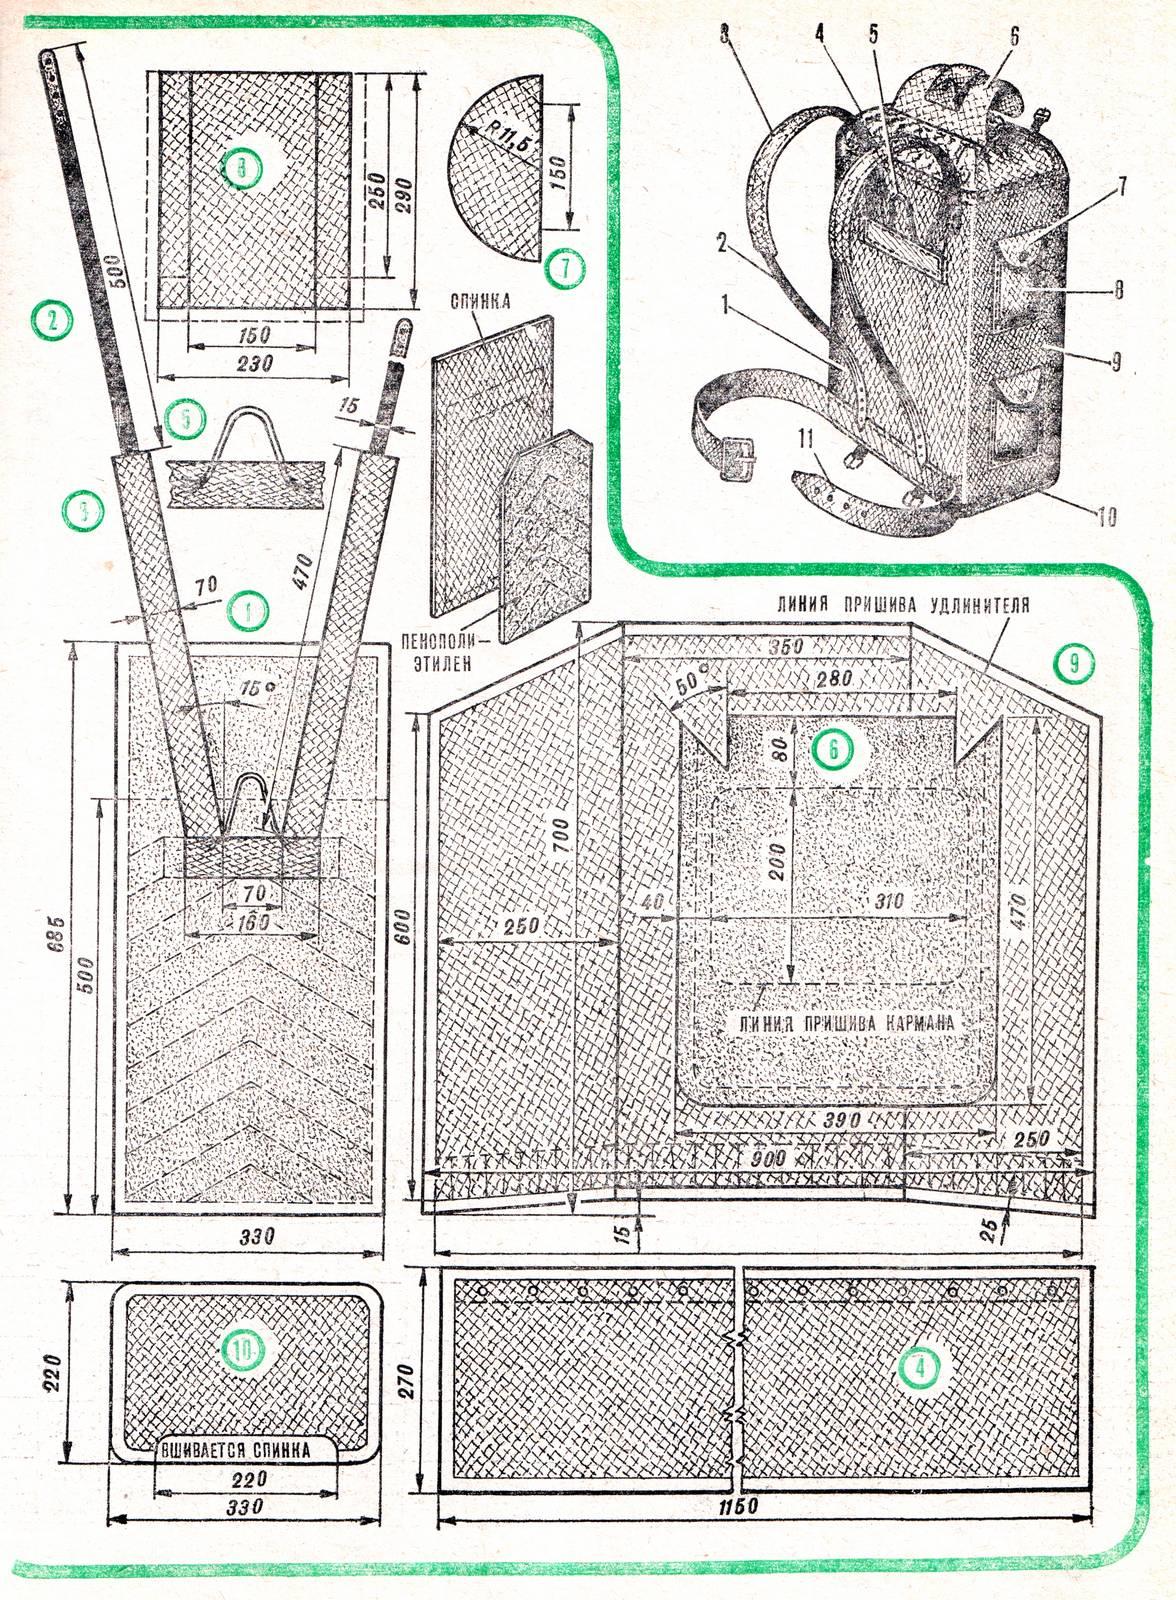 Выкройка дорожной сумки своими руками (35 фото как сшить) 45